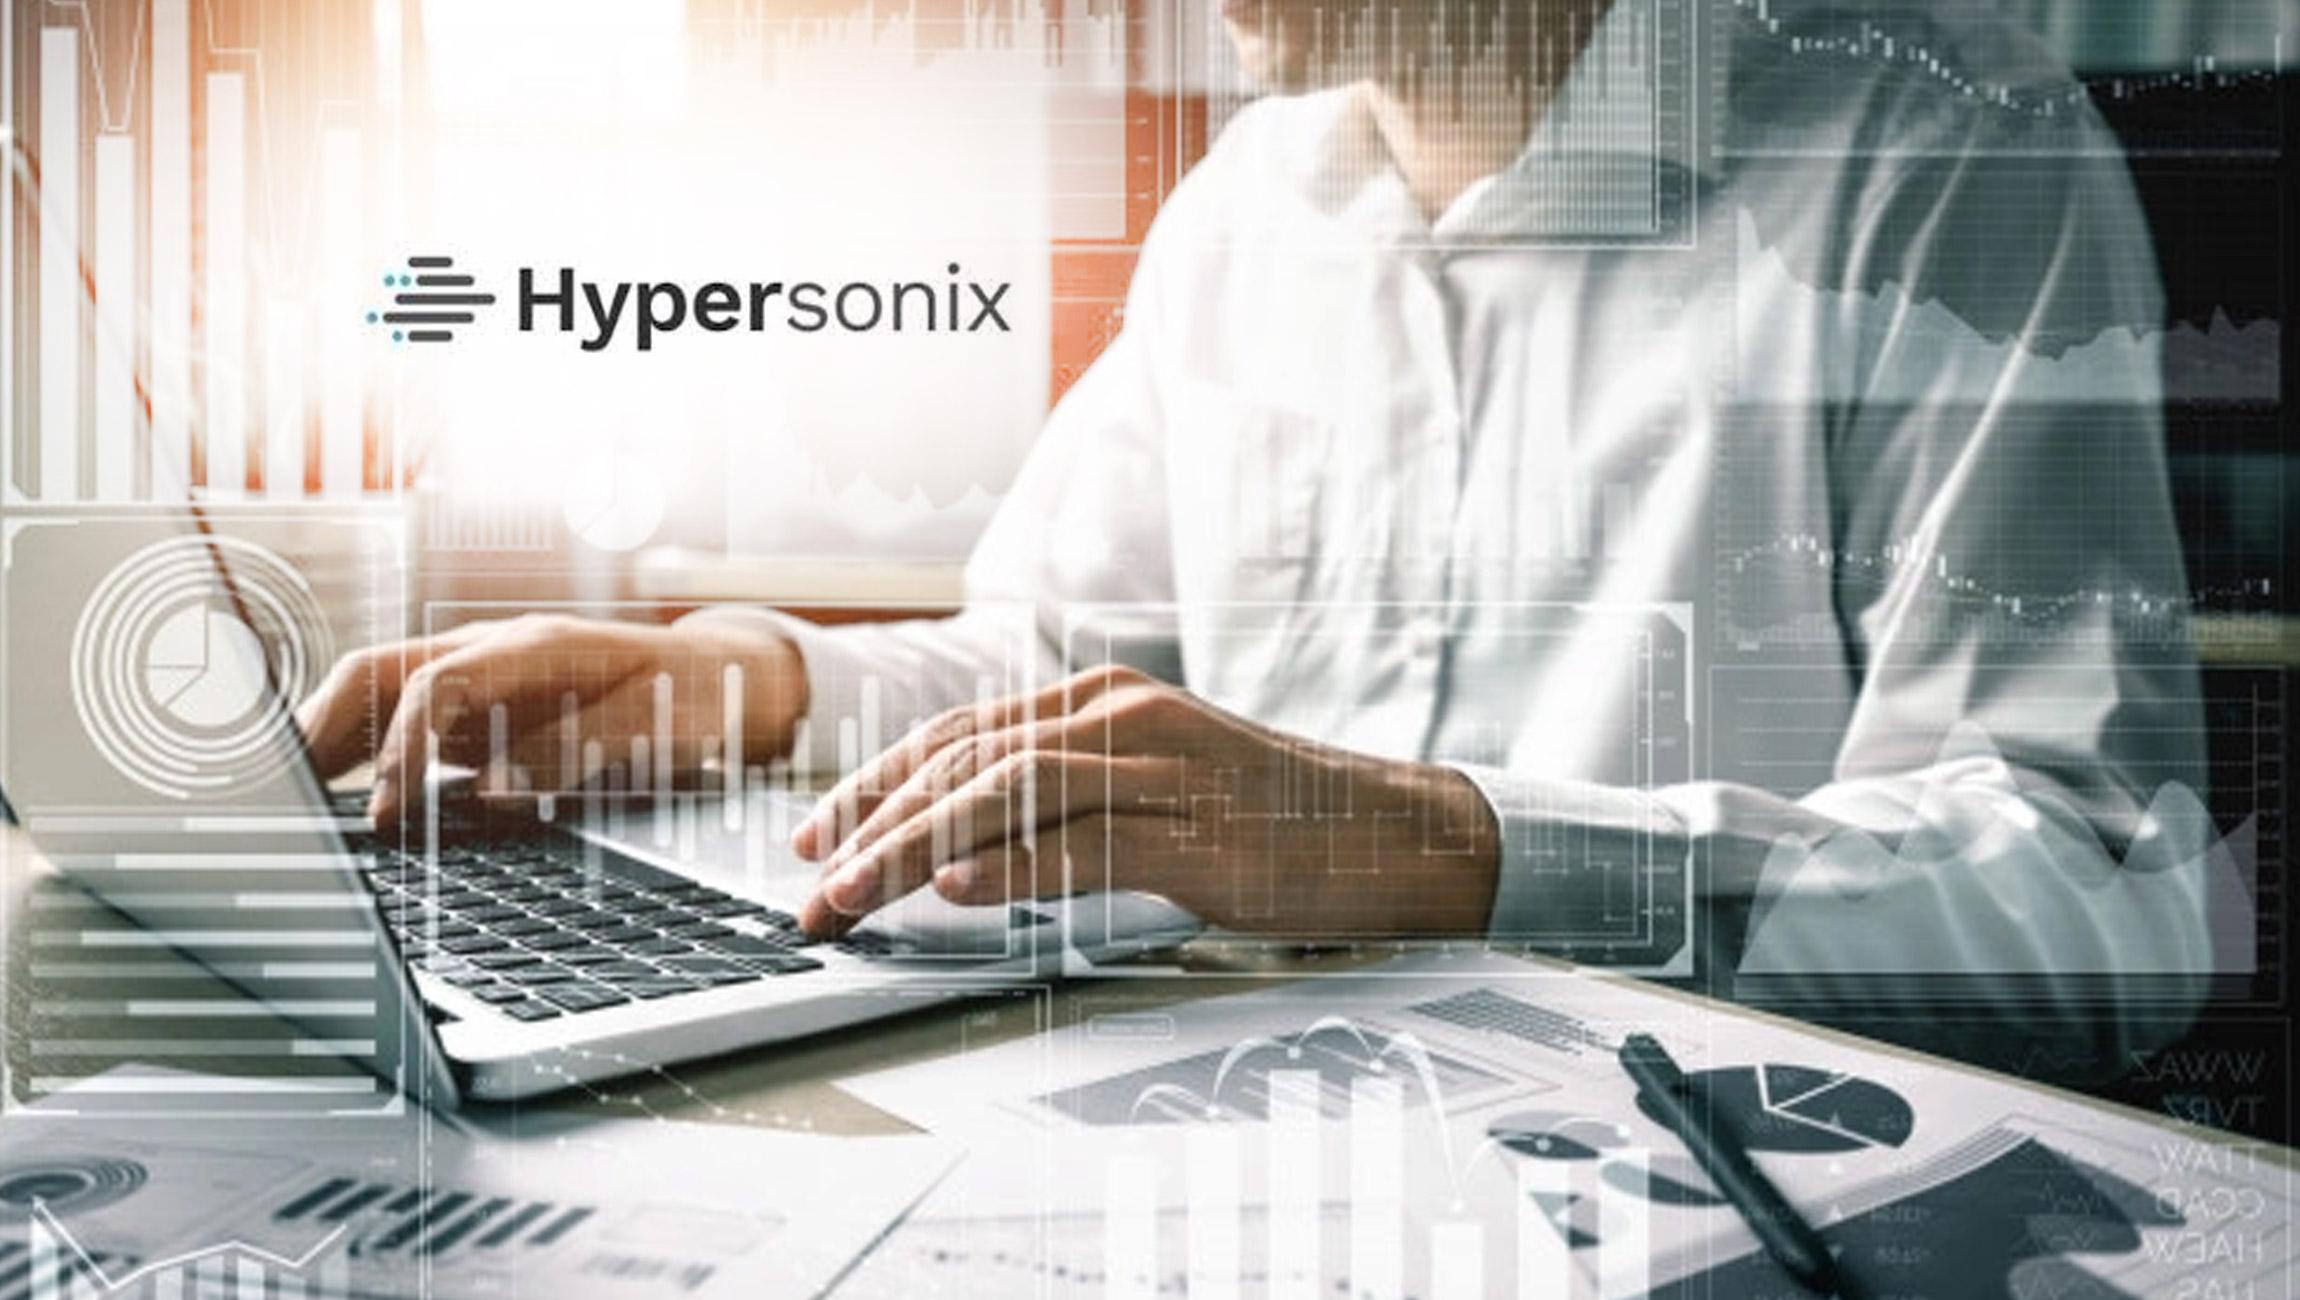 Hypersonix Scores Big with Gartner